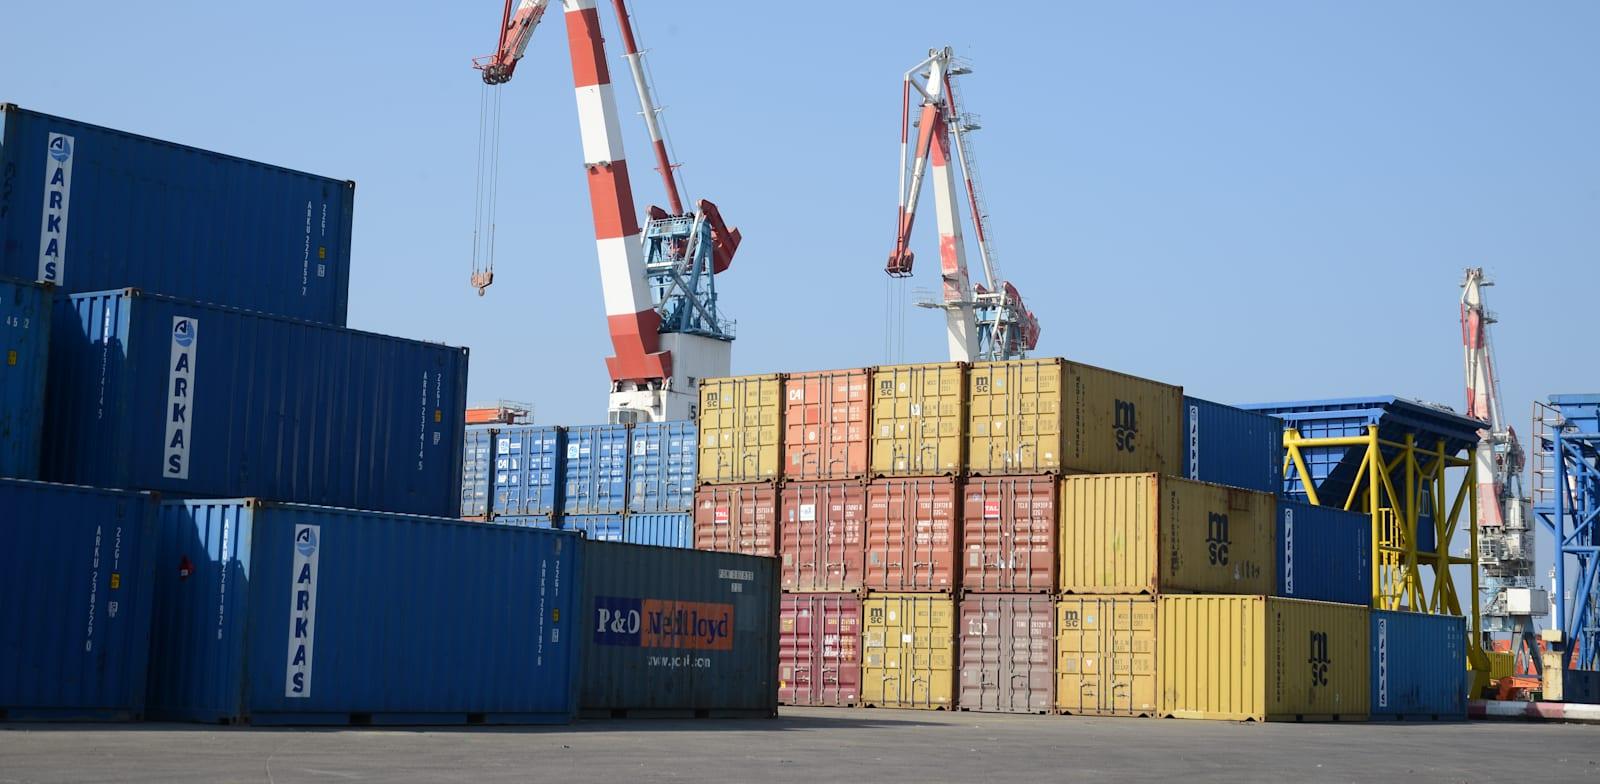 נמל אשדוד - מכולות / צילום: איל יצהר